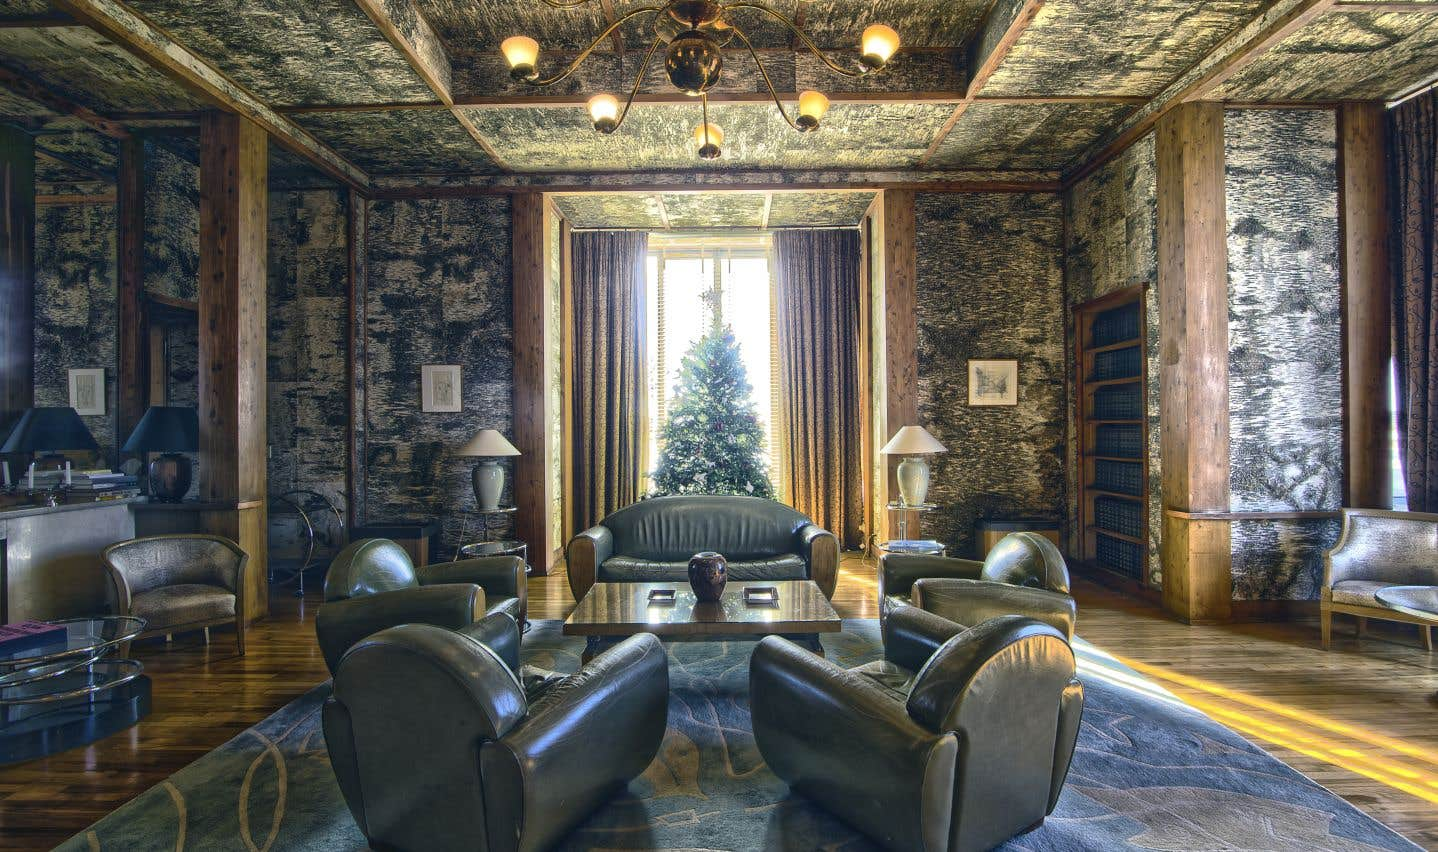 Le salon Bouleau devait au départ être recouvert de différentes essences de bois canadien, mais l'architecte Eugène Beaudouin a tellement aimé l'effet du bouleau qu'il imposa celle-là entre tous les travers de cèdre rouge.